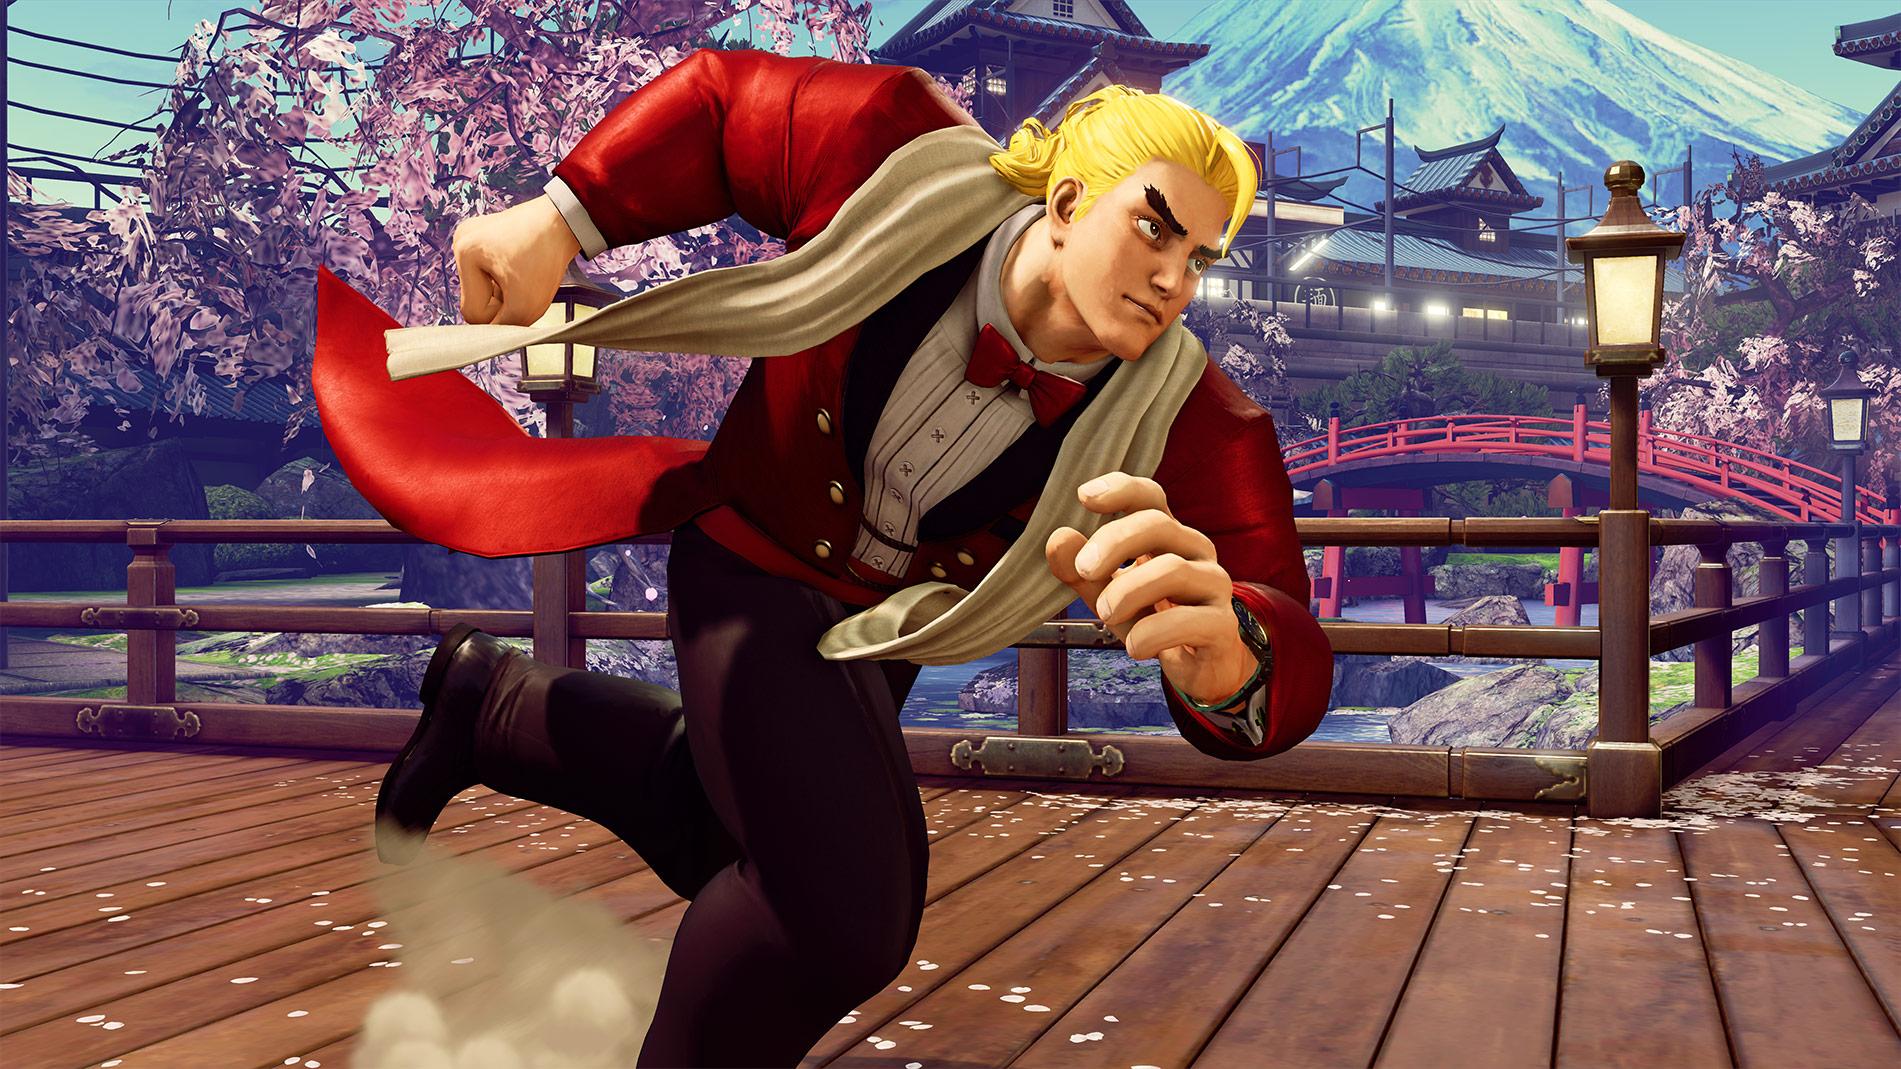 Capcom Pro Tour 2017 DLC bundle 2 out of 5 image gallery